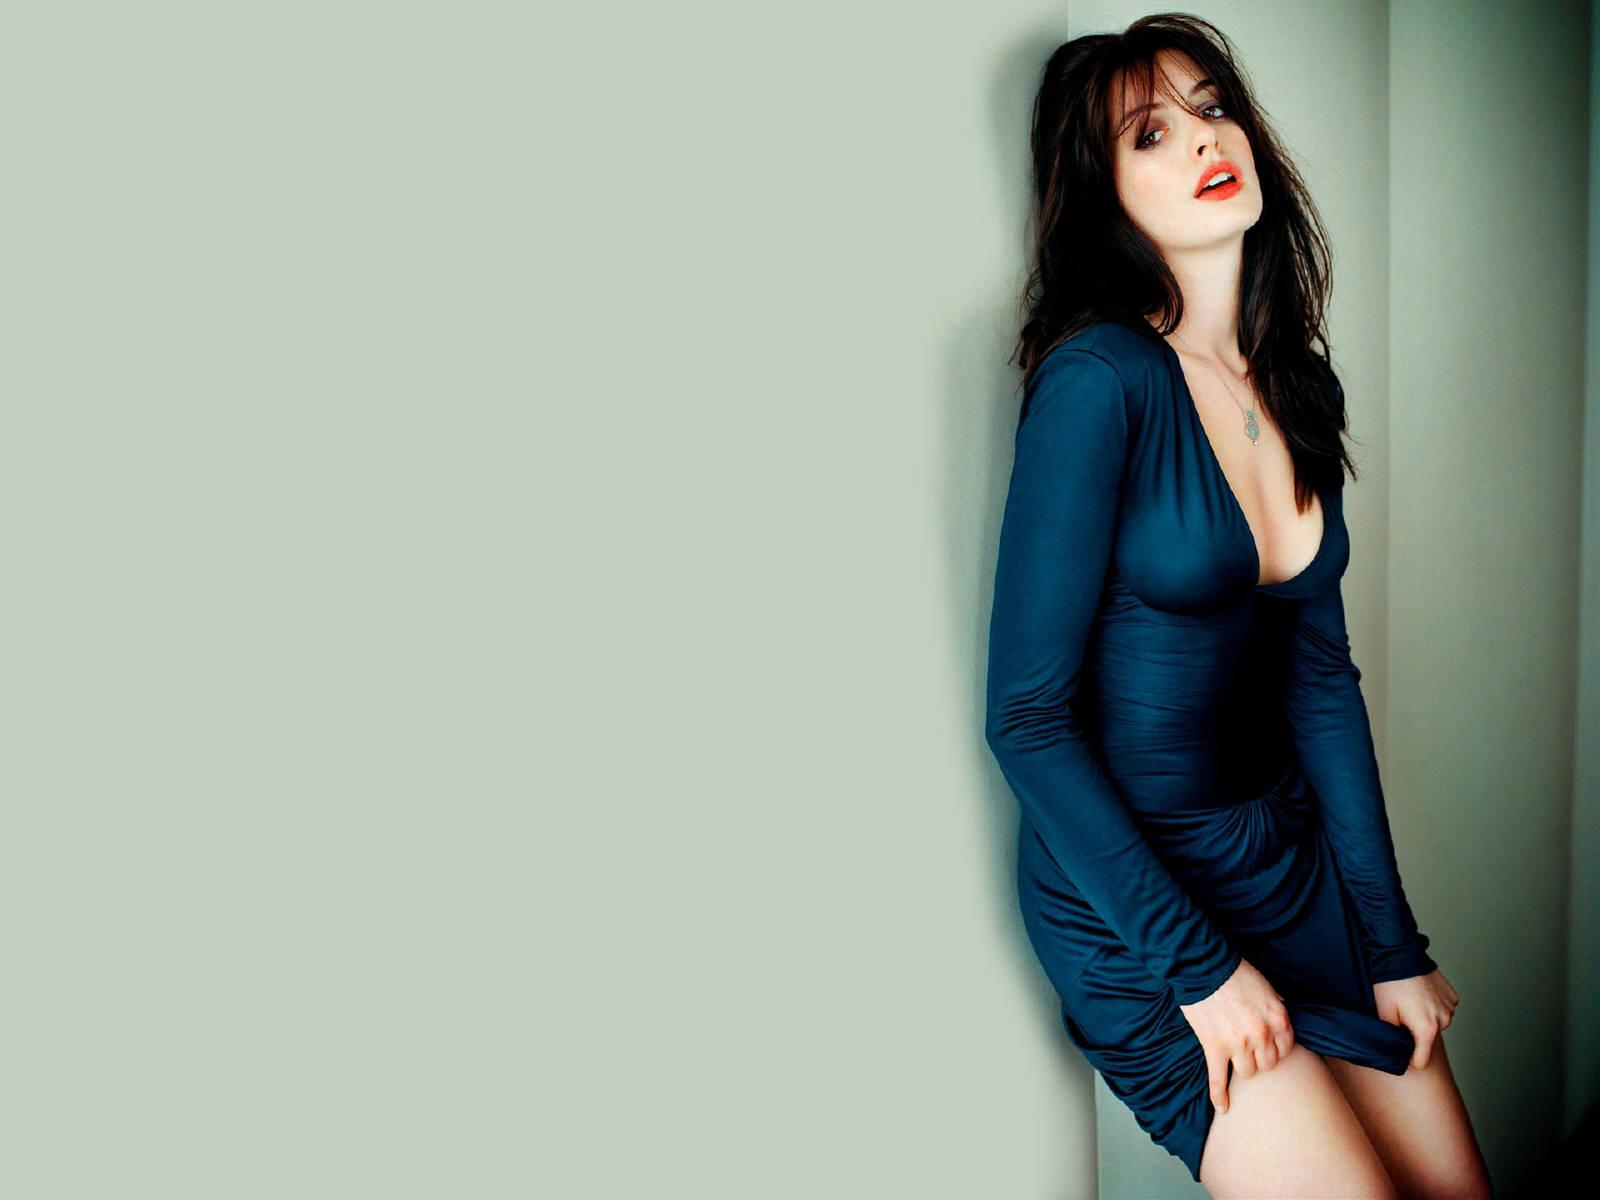 Cleavage Anna Tatangelo nude (18 photo), Topless, Paparazzi, Feet, in bikini 2015